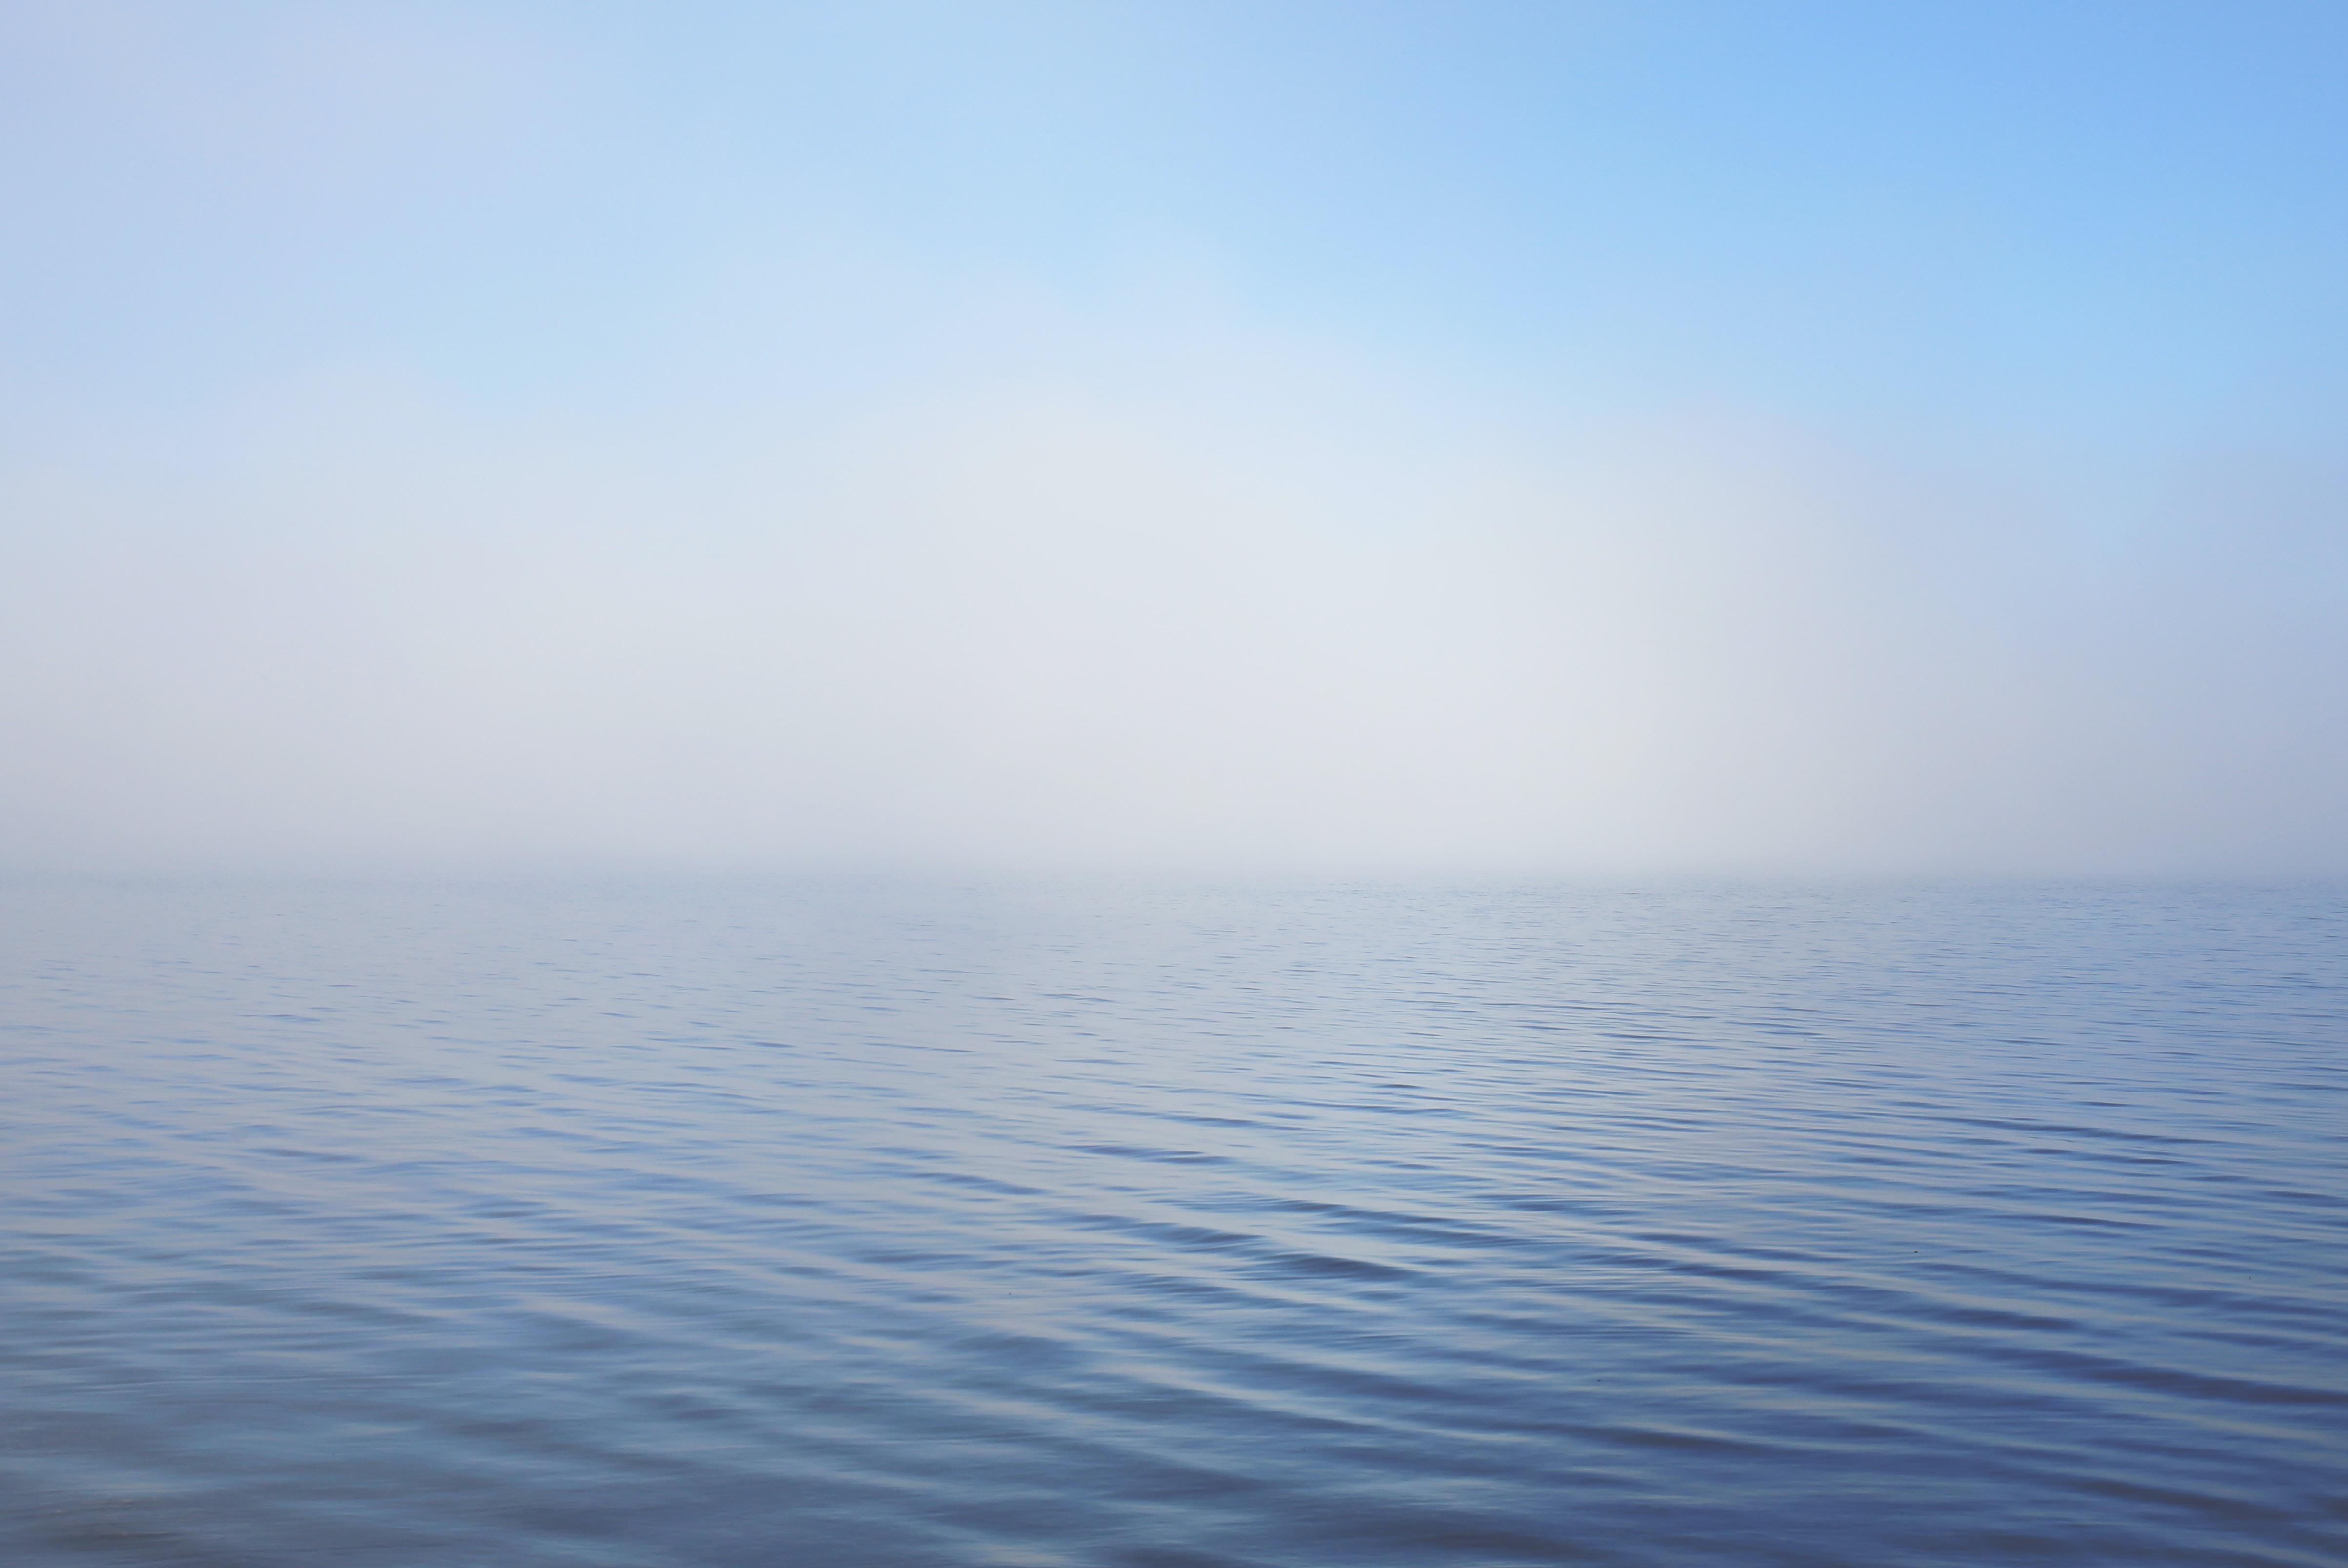 calm blue ocean photography